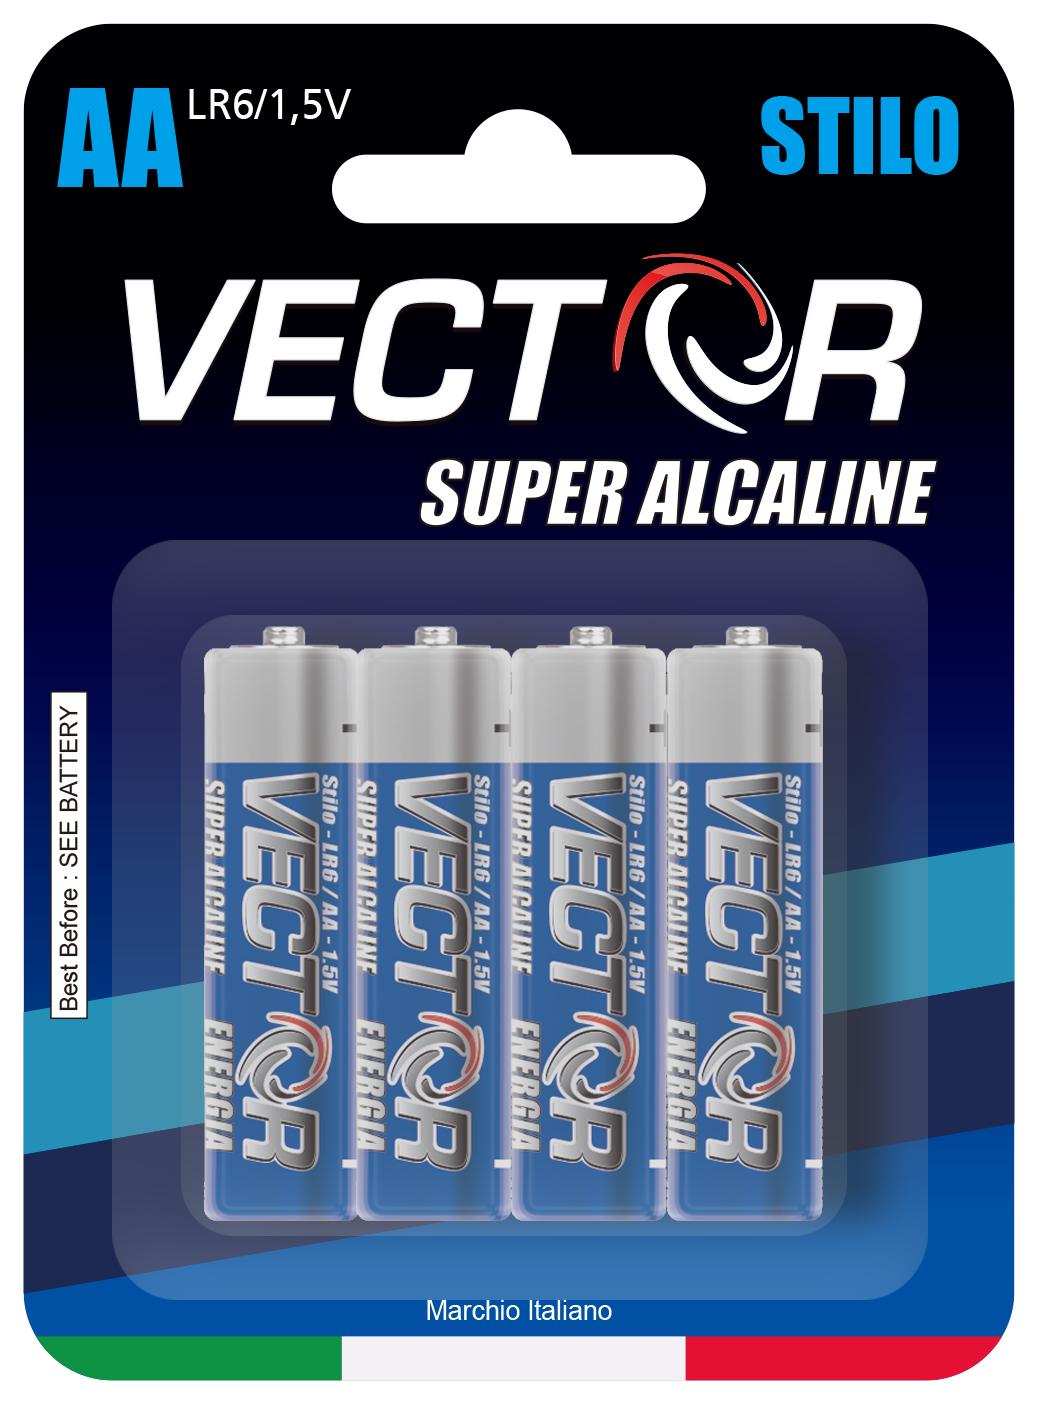 VECTOR AA BATTERIES SUPER ALKALINE . VE040058